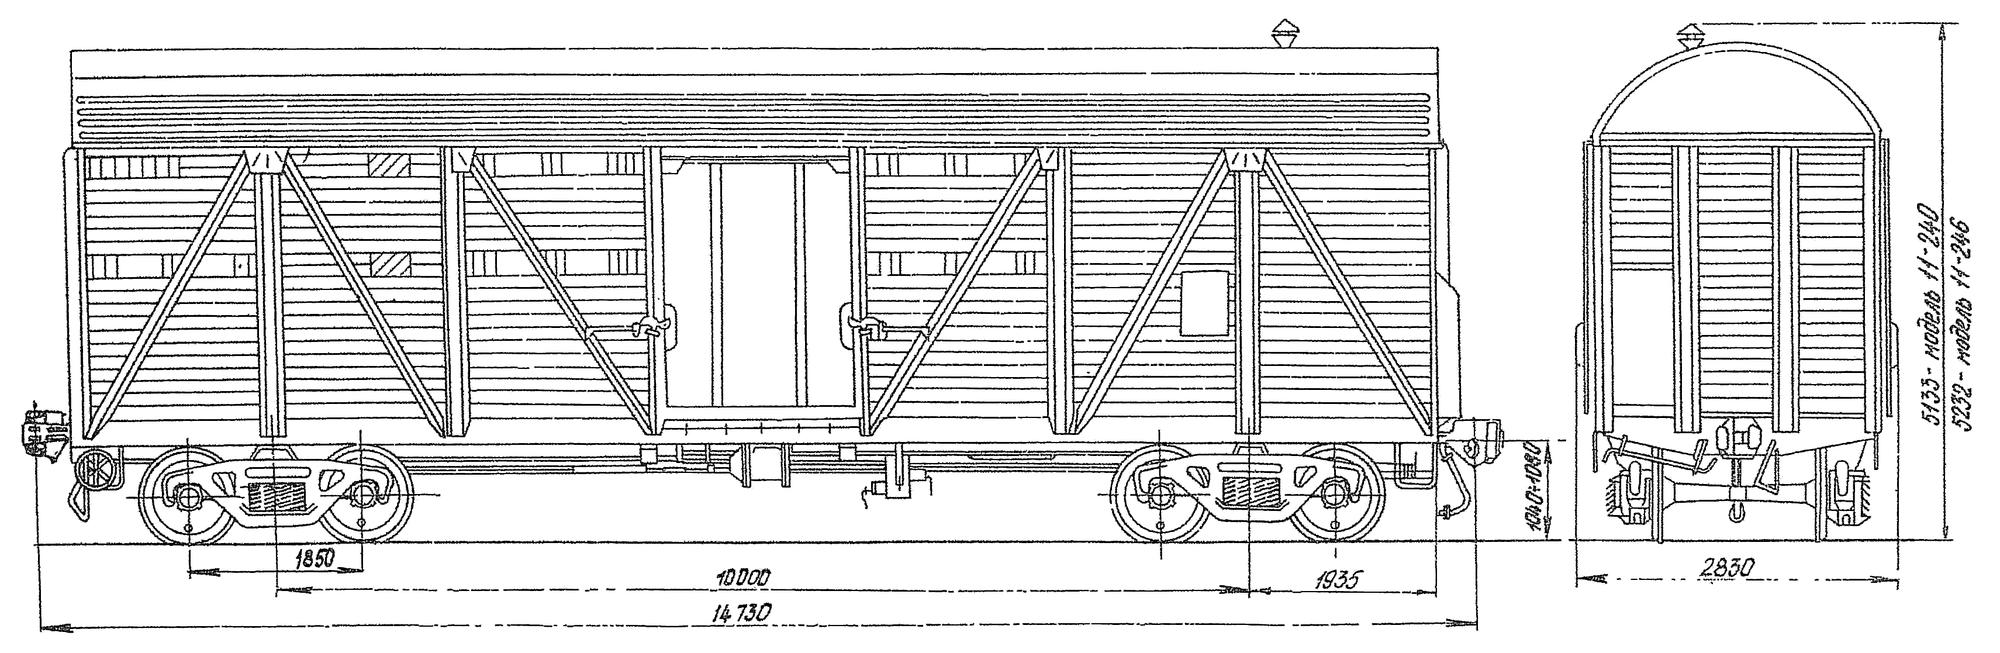 4-осный крытый двухярусный вагон для скота со служебным отделением